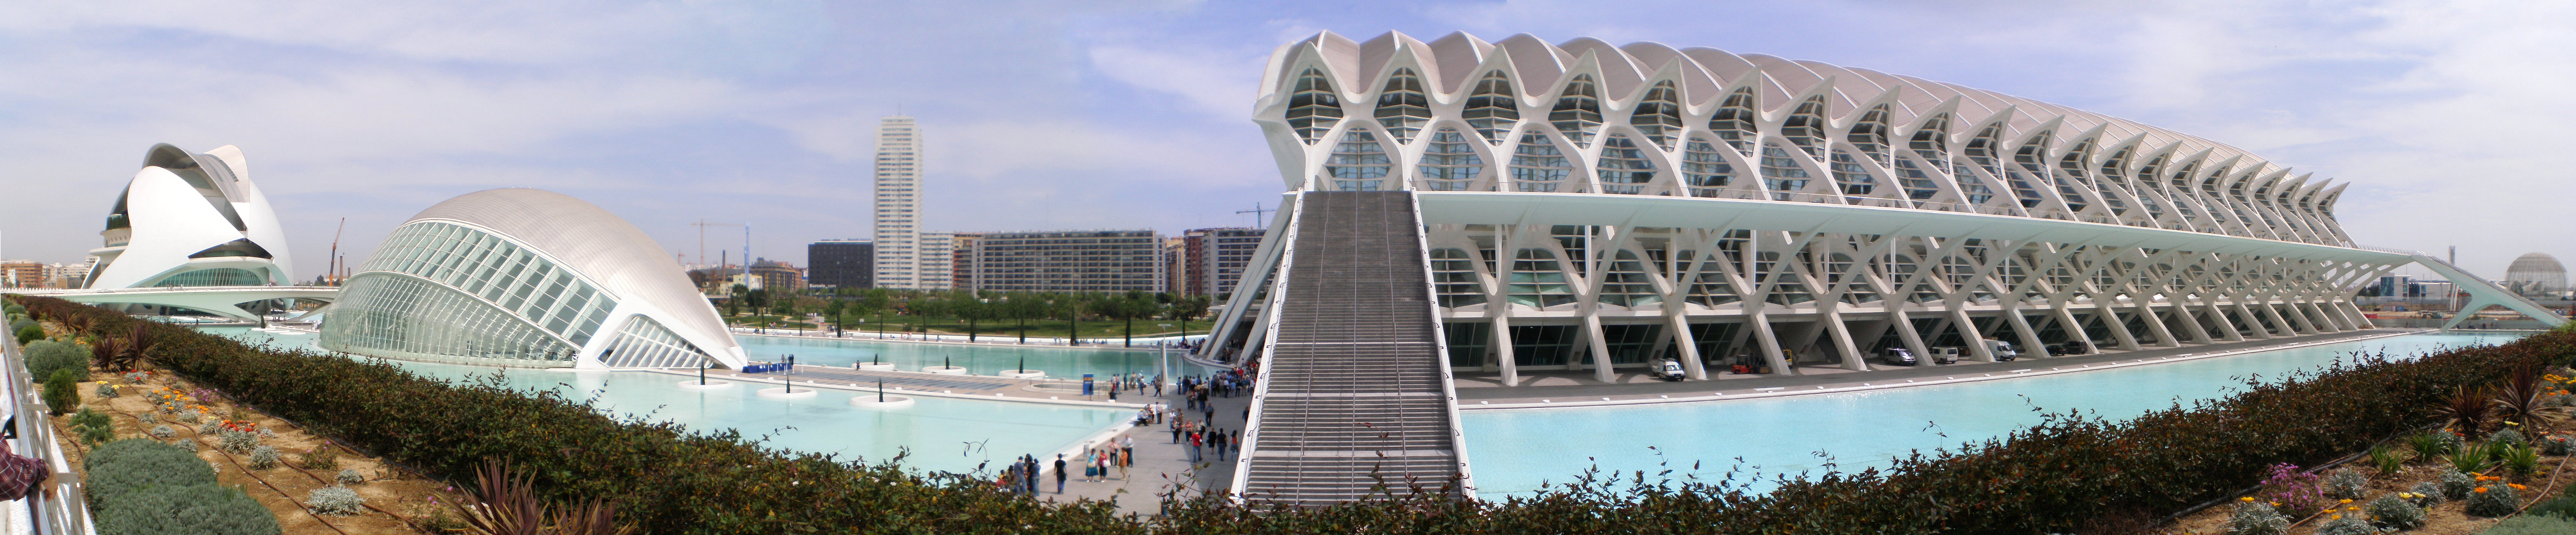 File:Valencia.2007.La ciudad de las artes y las ciencias.jpeg - Wikimedia Com...